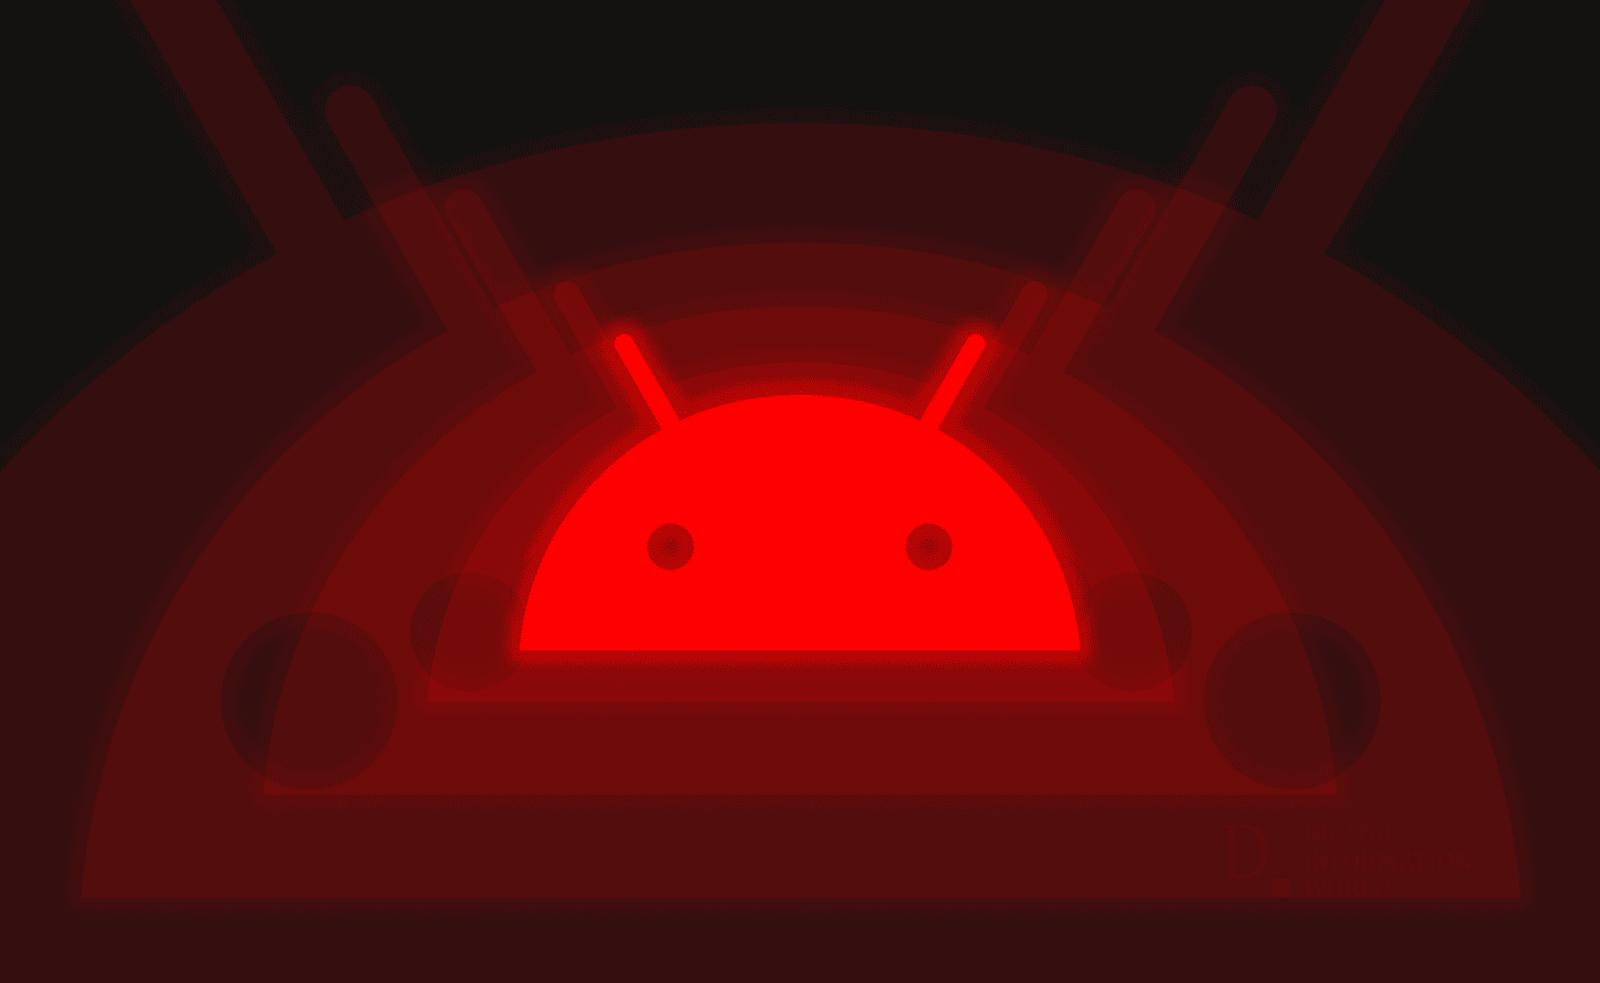 Android'in Kötü Amaçlı Yazılımı Joker Geri Döndü! 1